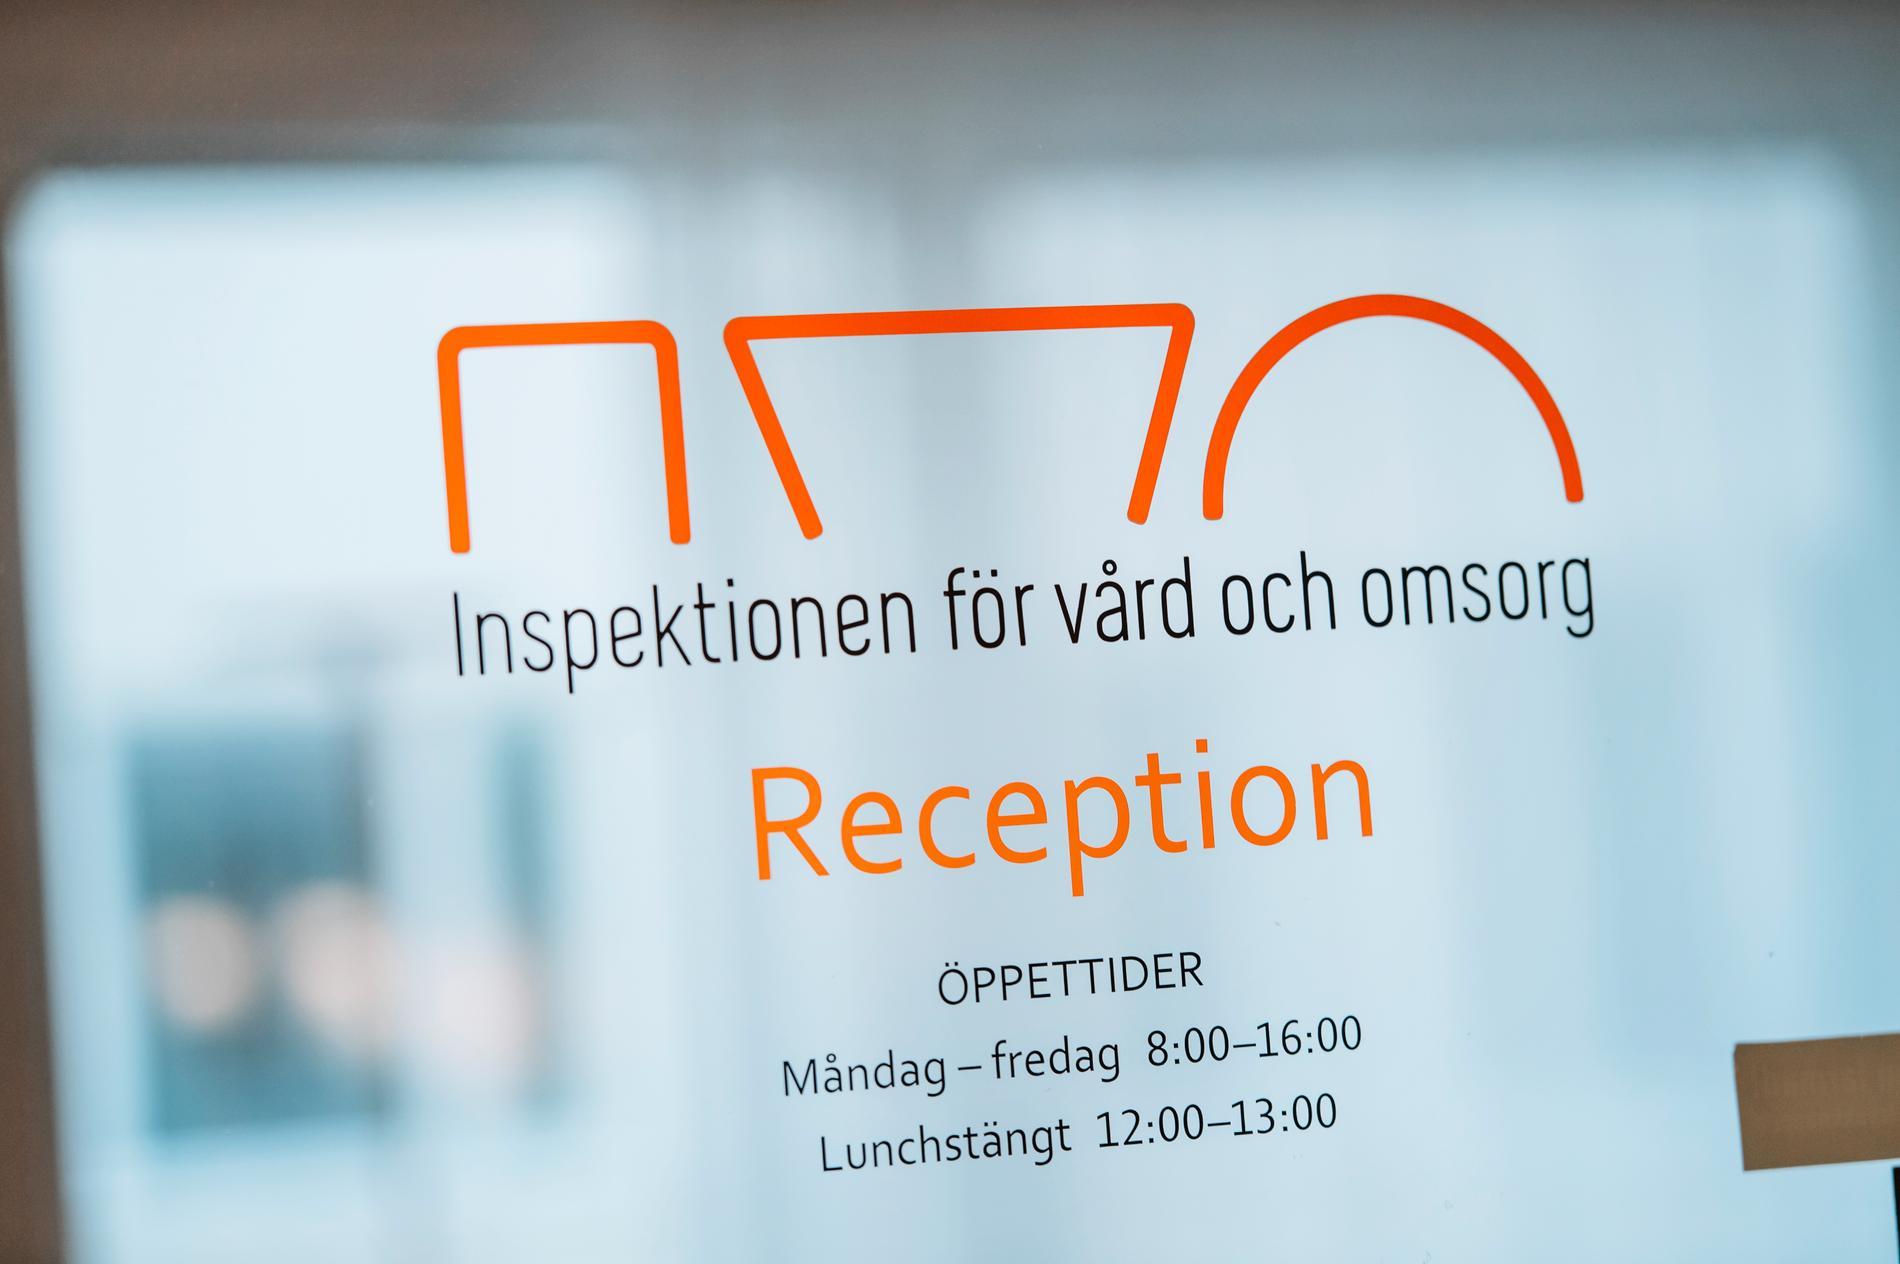 Ett LSS-boende i Uppsala har anmälts till Inspektionen för vård och omsorg för liknande händelser tre gånger. Arkivbild.